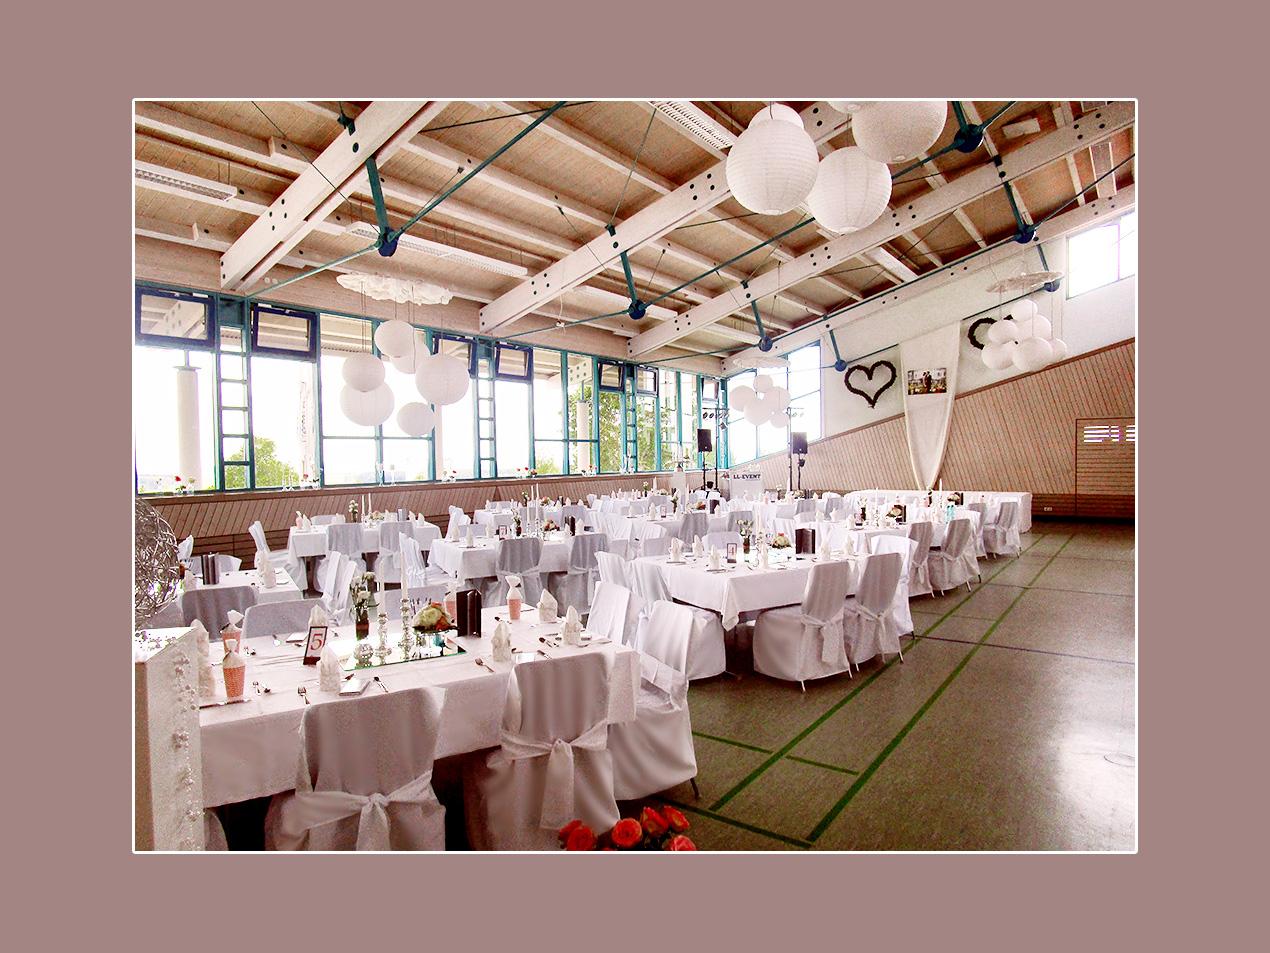 Hochzeitslocation Hochsträßhalle Niederhofen bei Koblenz und Limburg an der Lahn